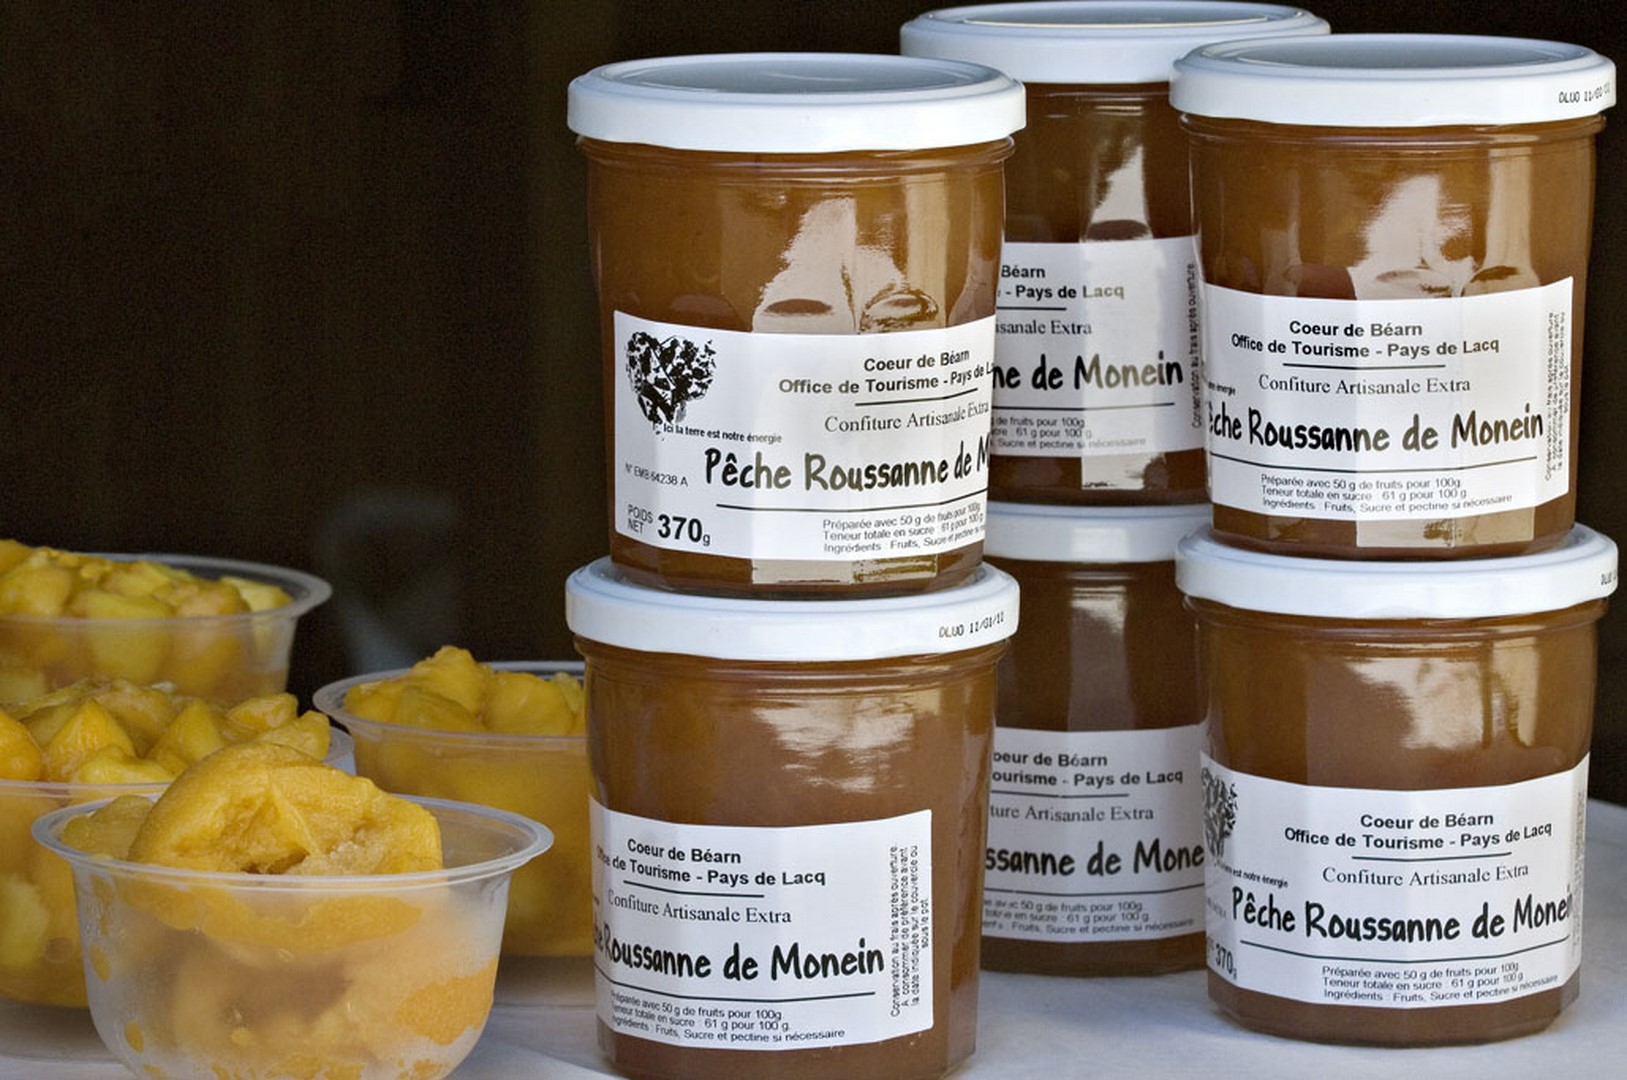 Marché de Producteurs de Pêche Roussanne - MONEIN